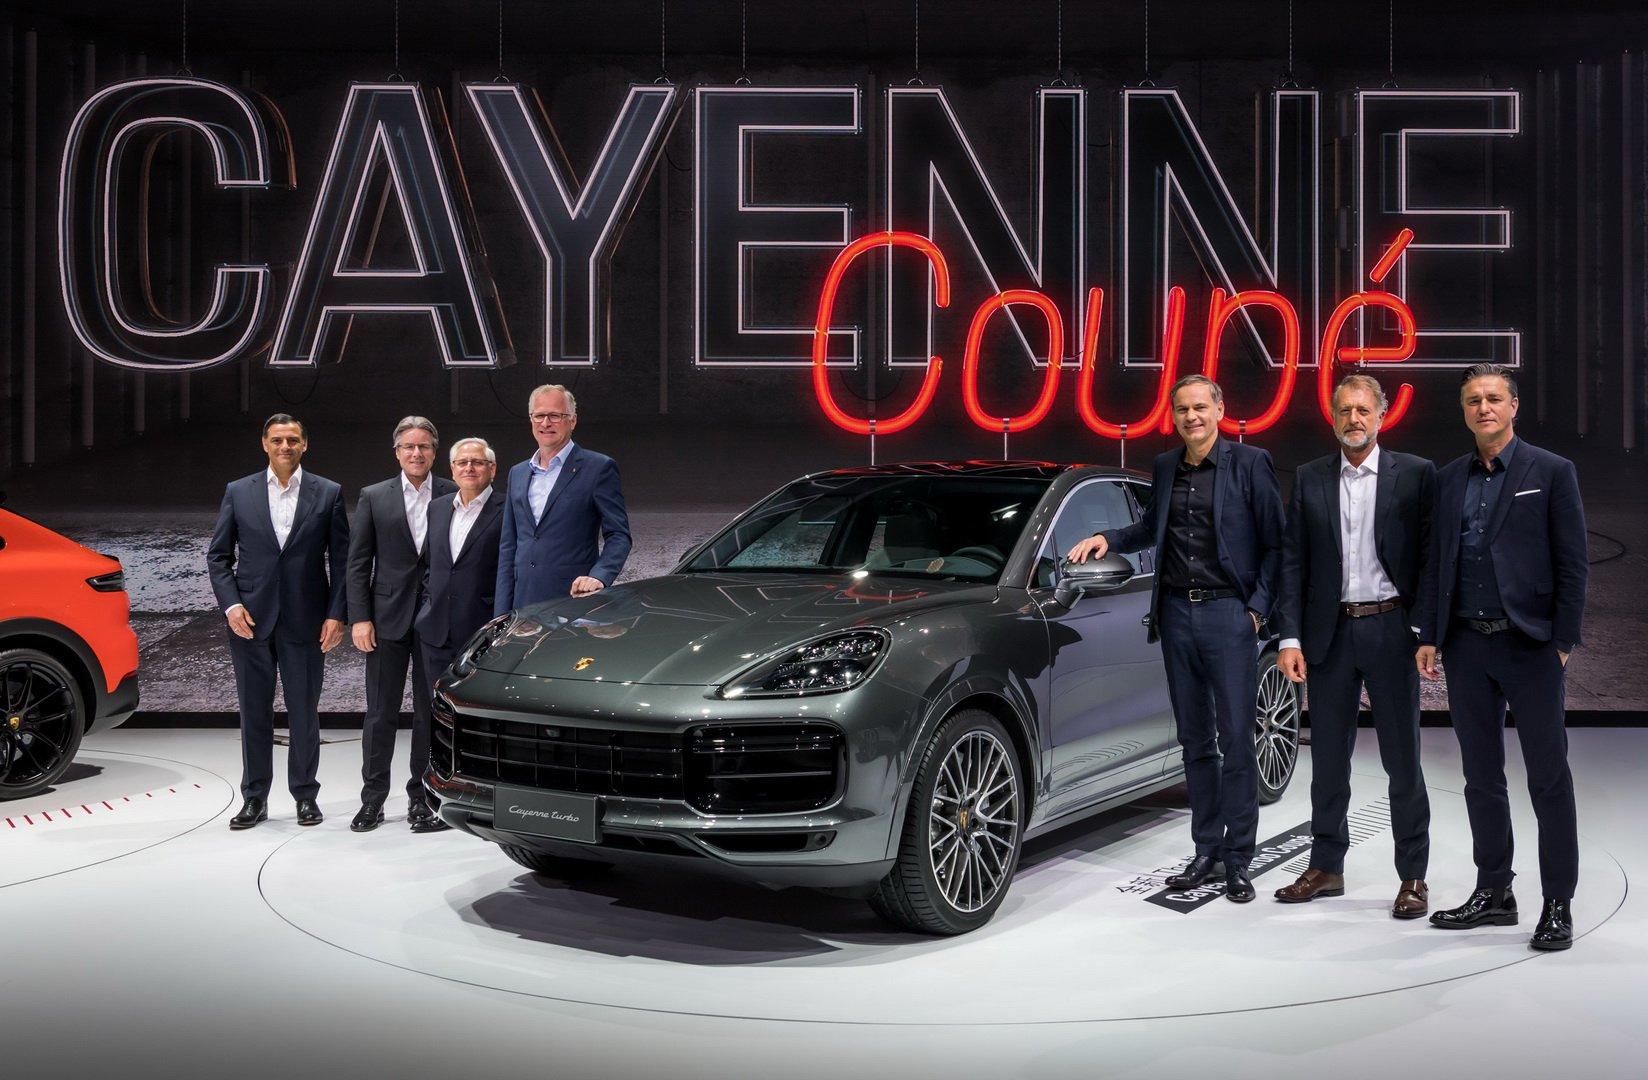 Porsche Cayenne Coupè 2019 - Salone di Shanghai